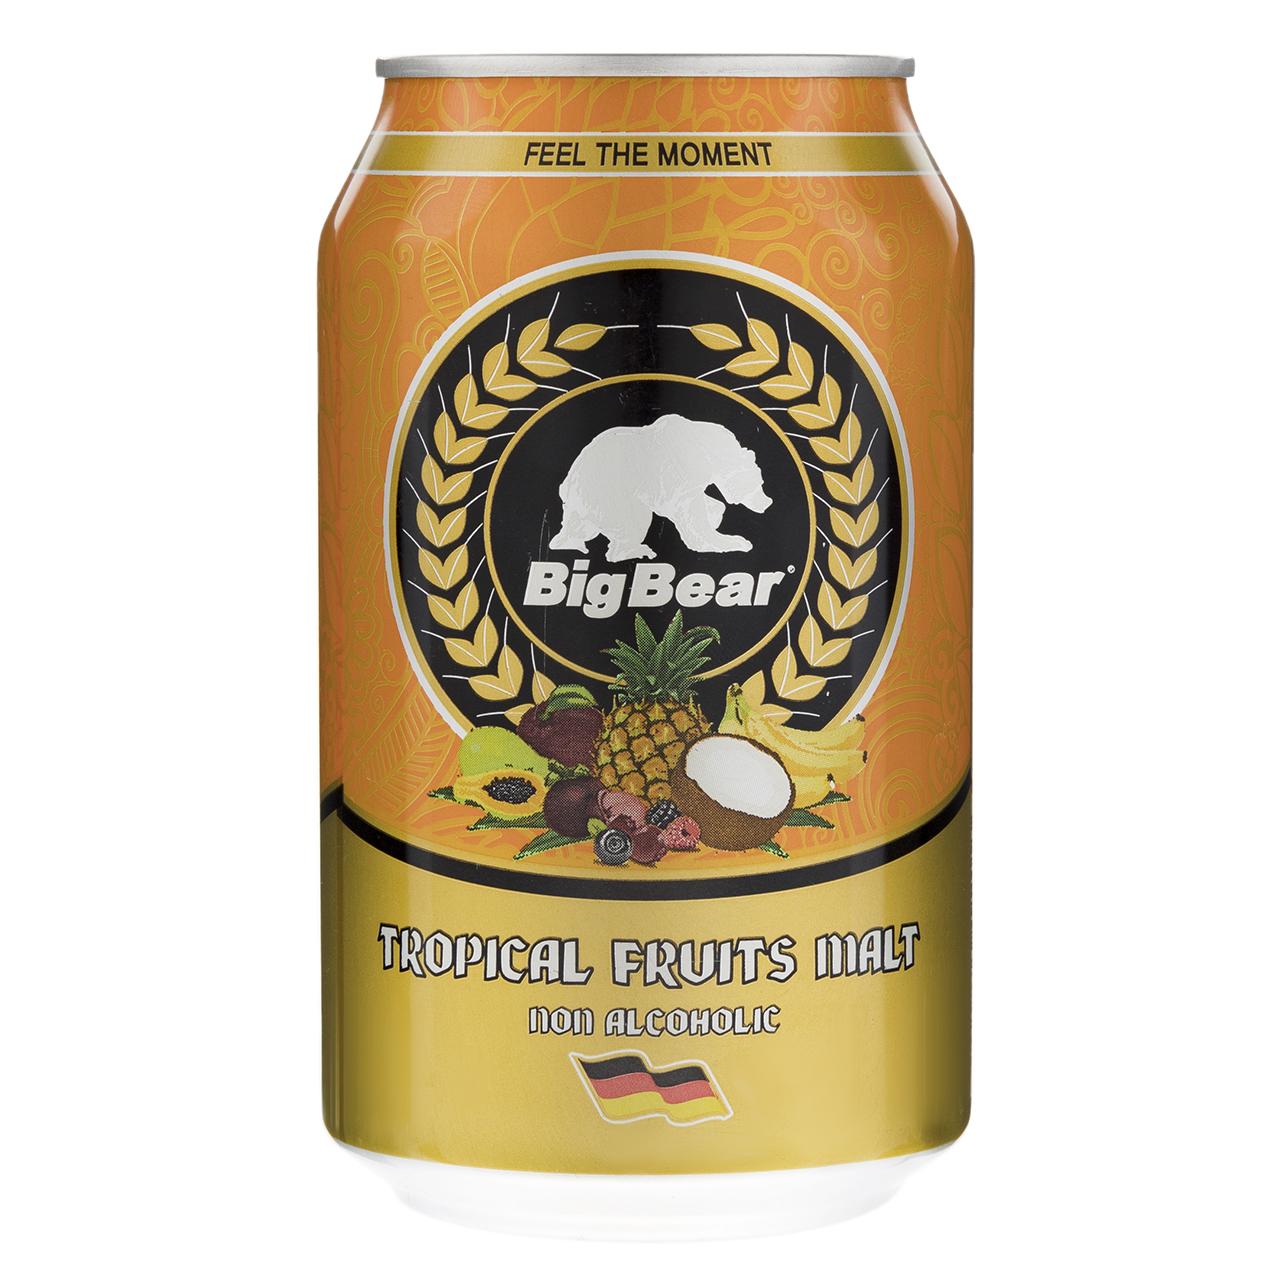 نوشیدنی مالت با طعم میوه های استوایی بیگ بیر مقدار 0.33 لیتر